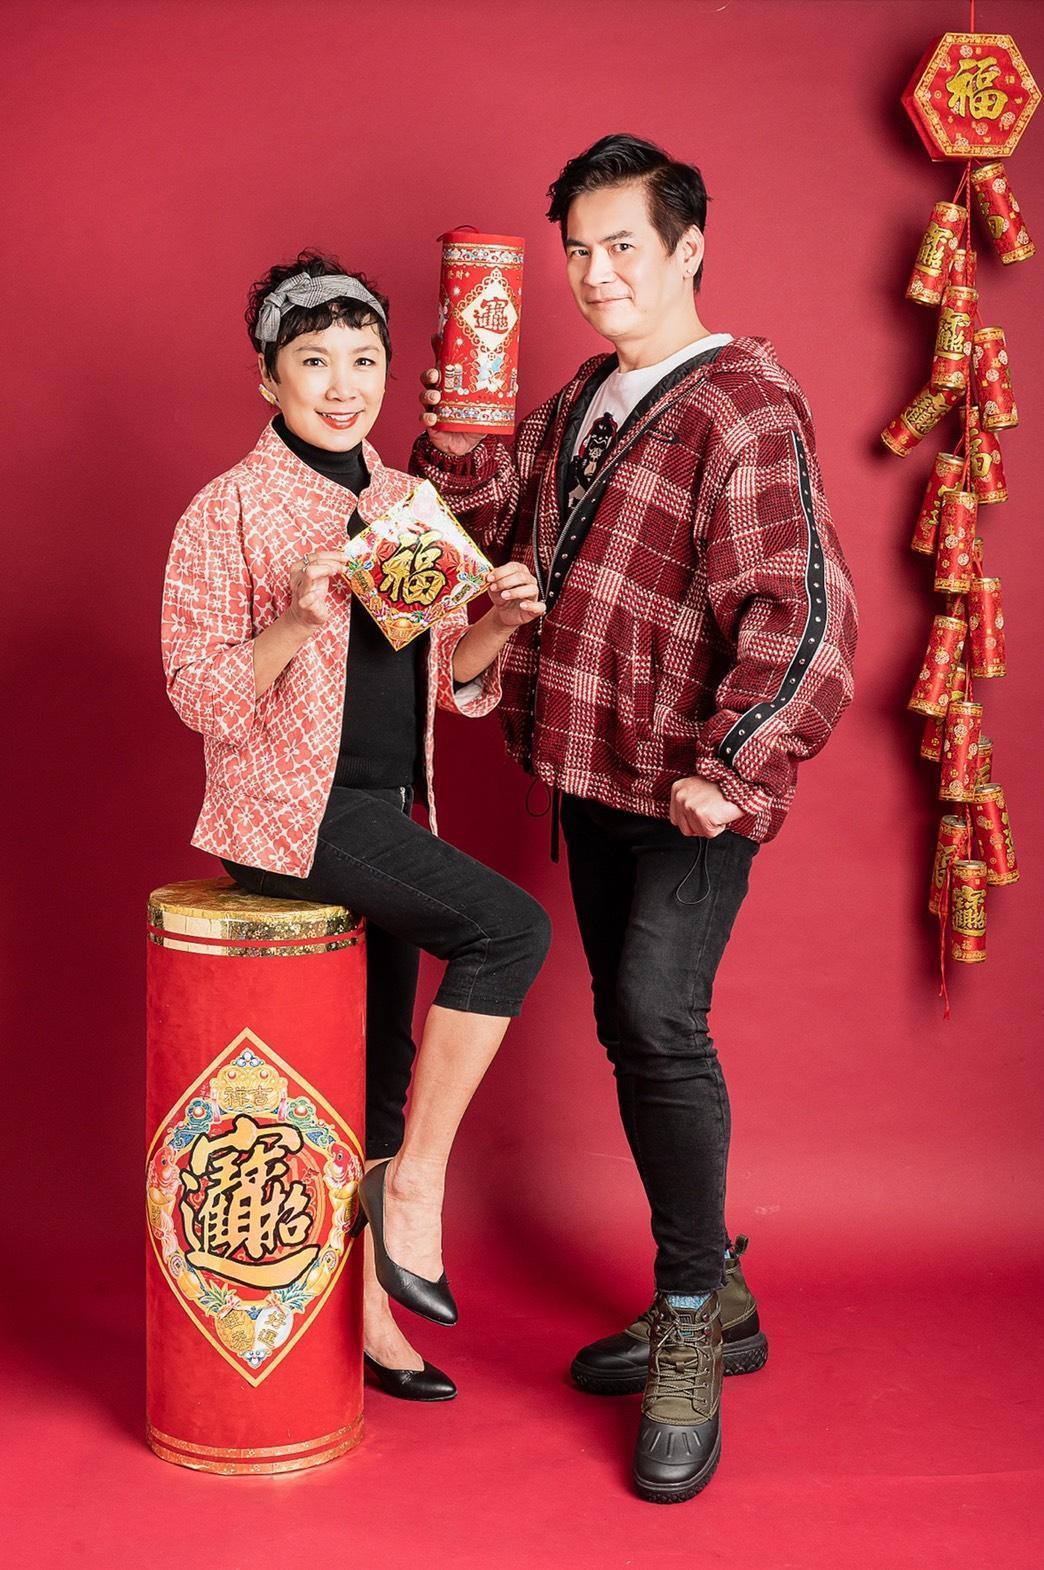 謝麗金、馬國賢勇闖播客圈話題百變葷素不忌。(艾迪昇傳播提供)